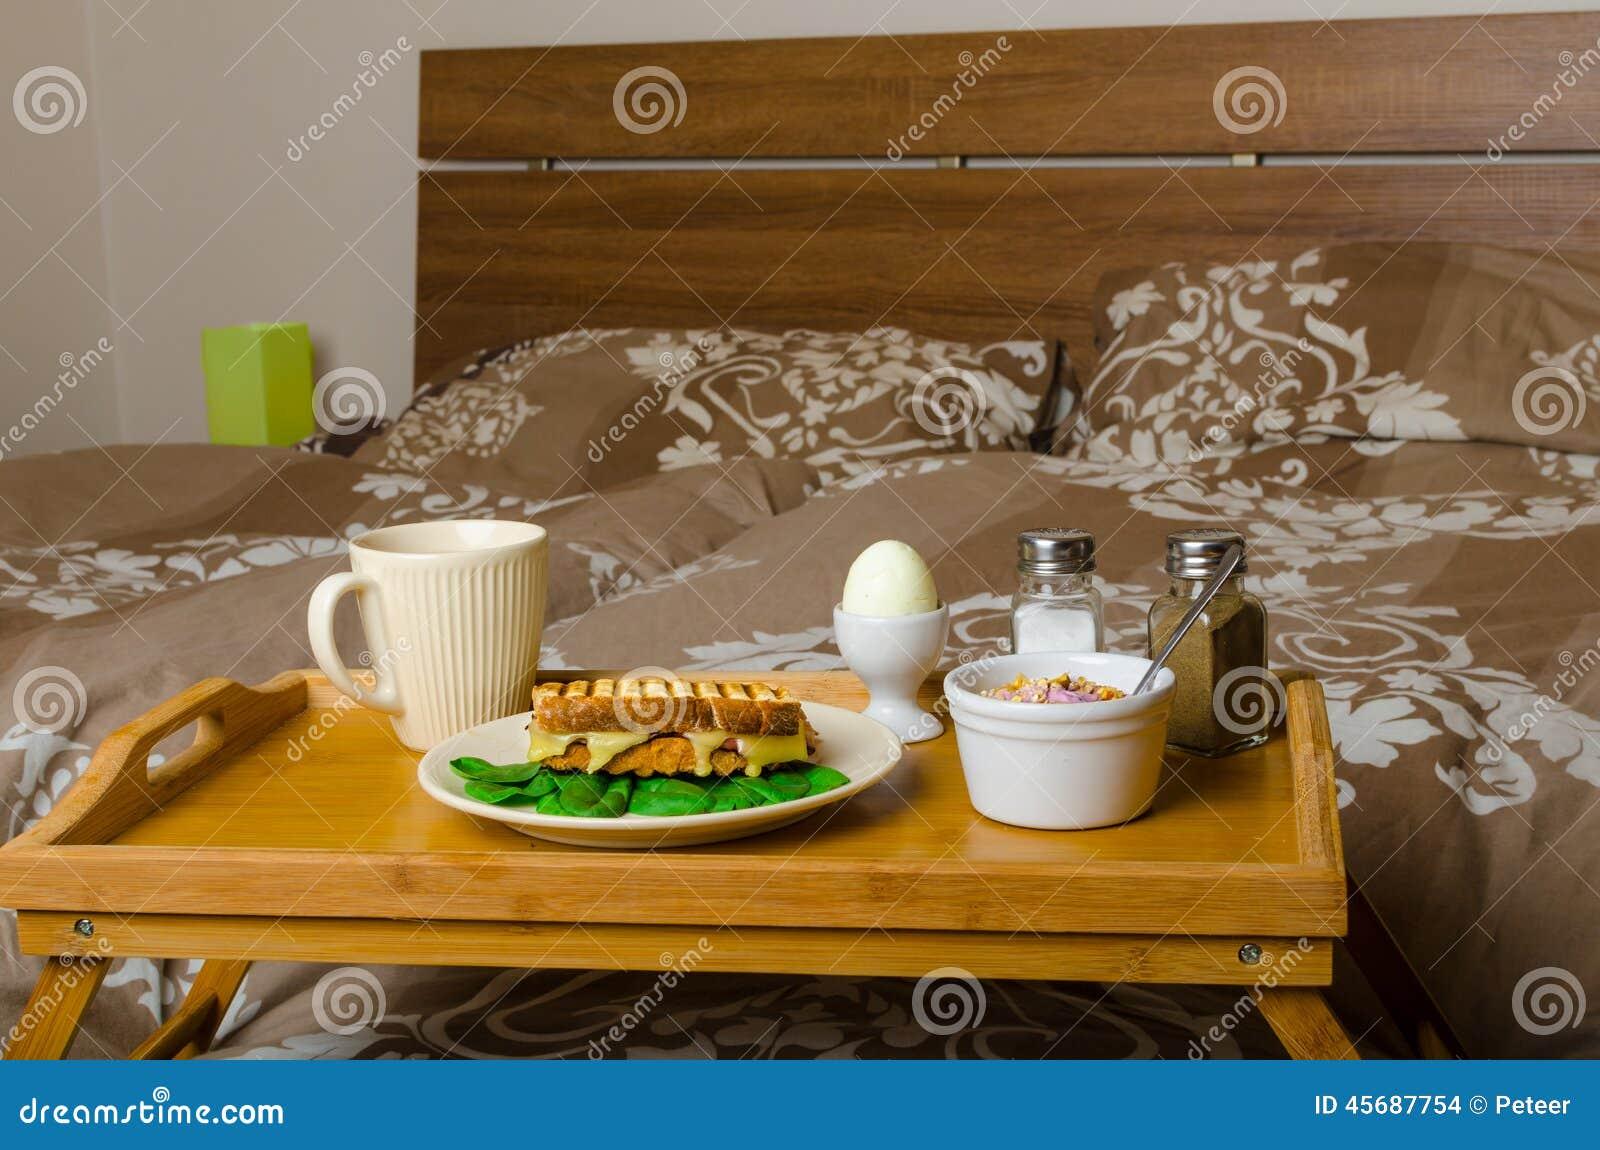 早餐在河床上 库存照片 - 图片: 45687754图片